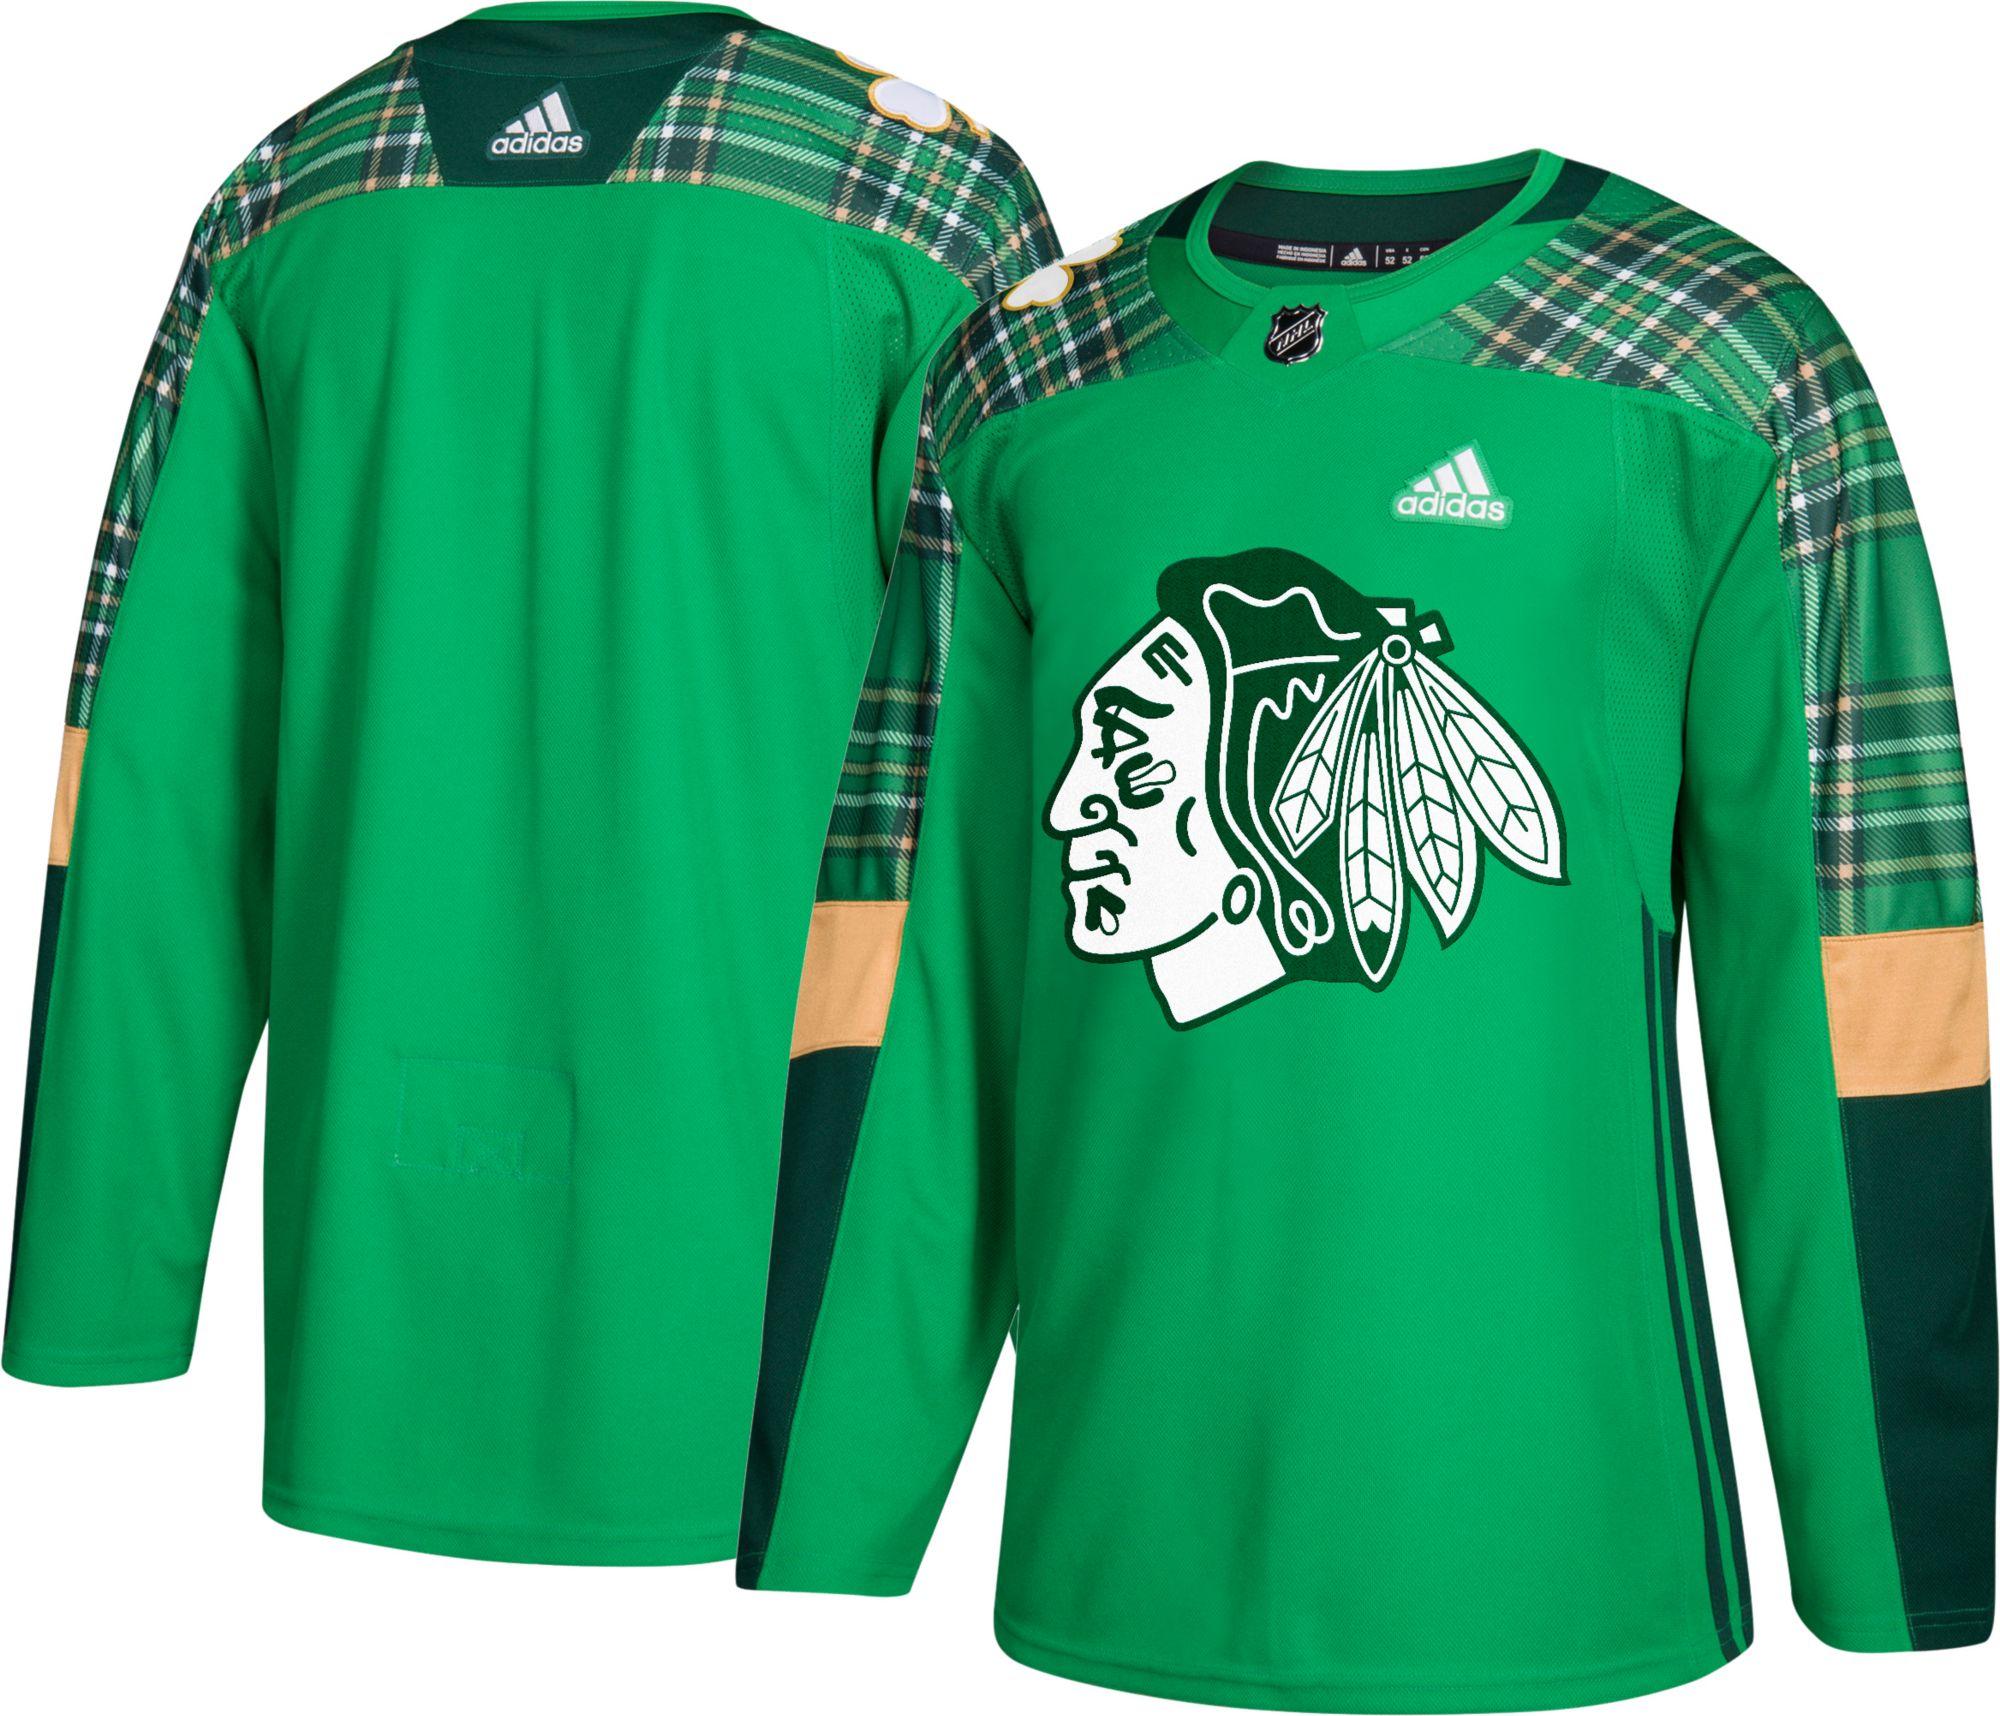 0323772d2 adidas Men s St. Patrick s Day Chicago Blackhawks Authentic Pro ...